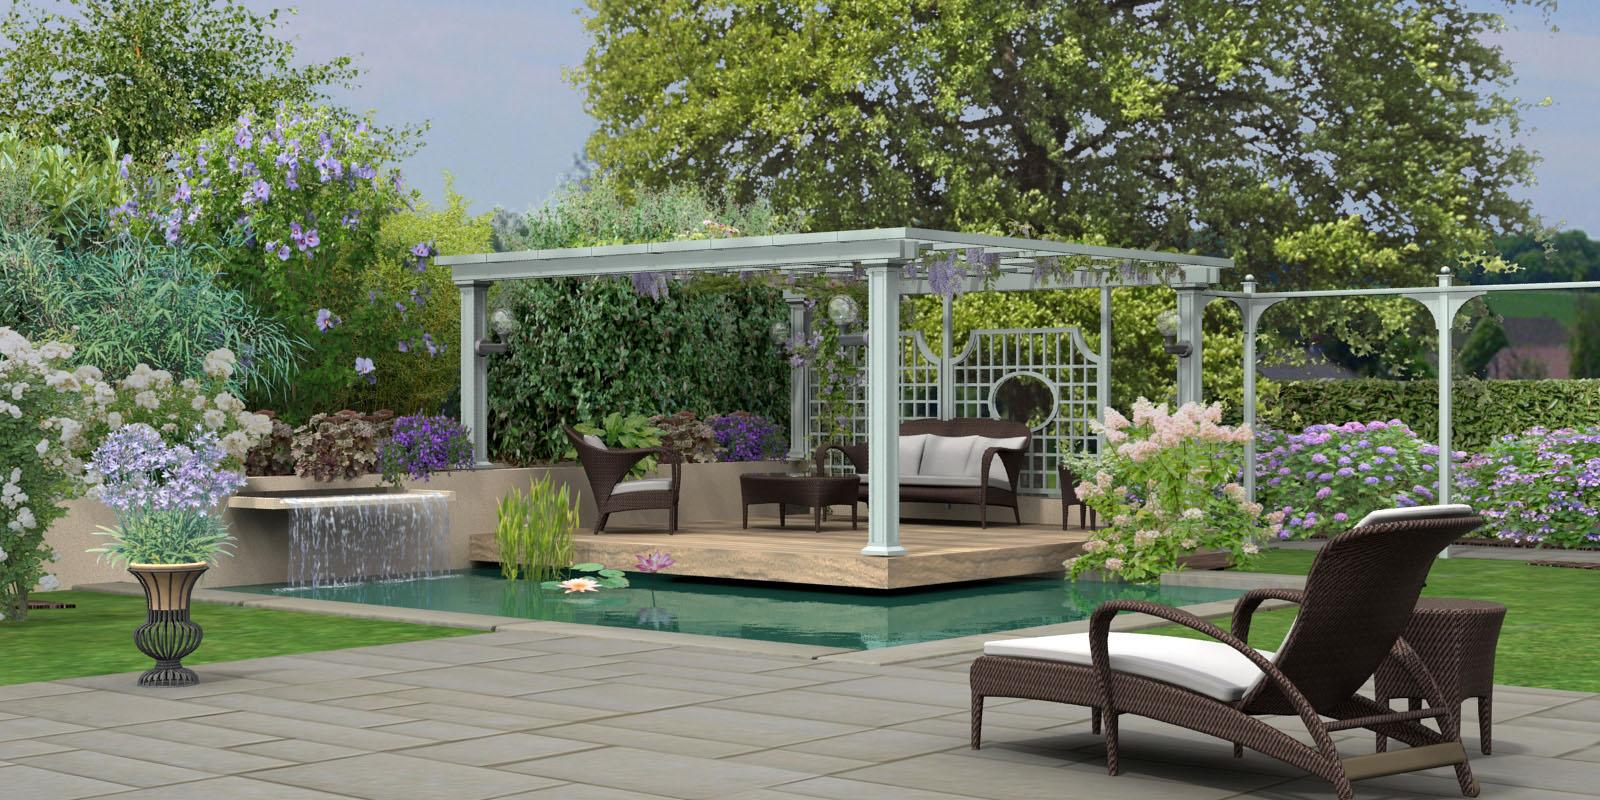 Hortus3D Création De Plans De Jardin 3D En Réalité Virtuelle concernant Plan De Jardin 3D